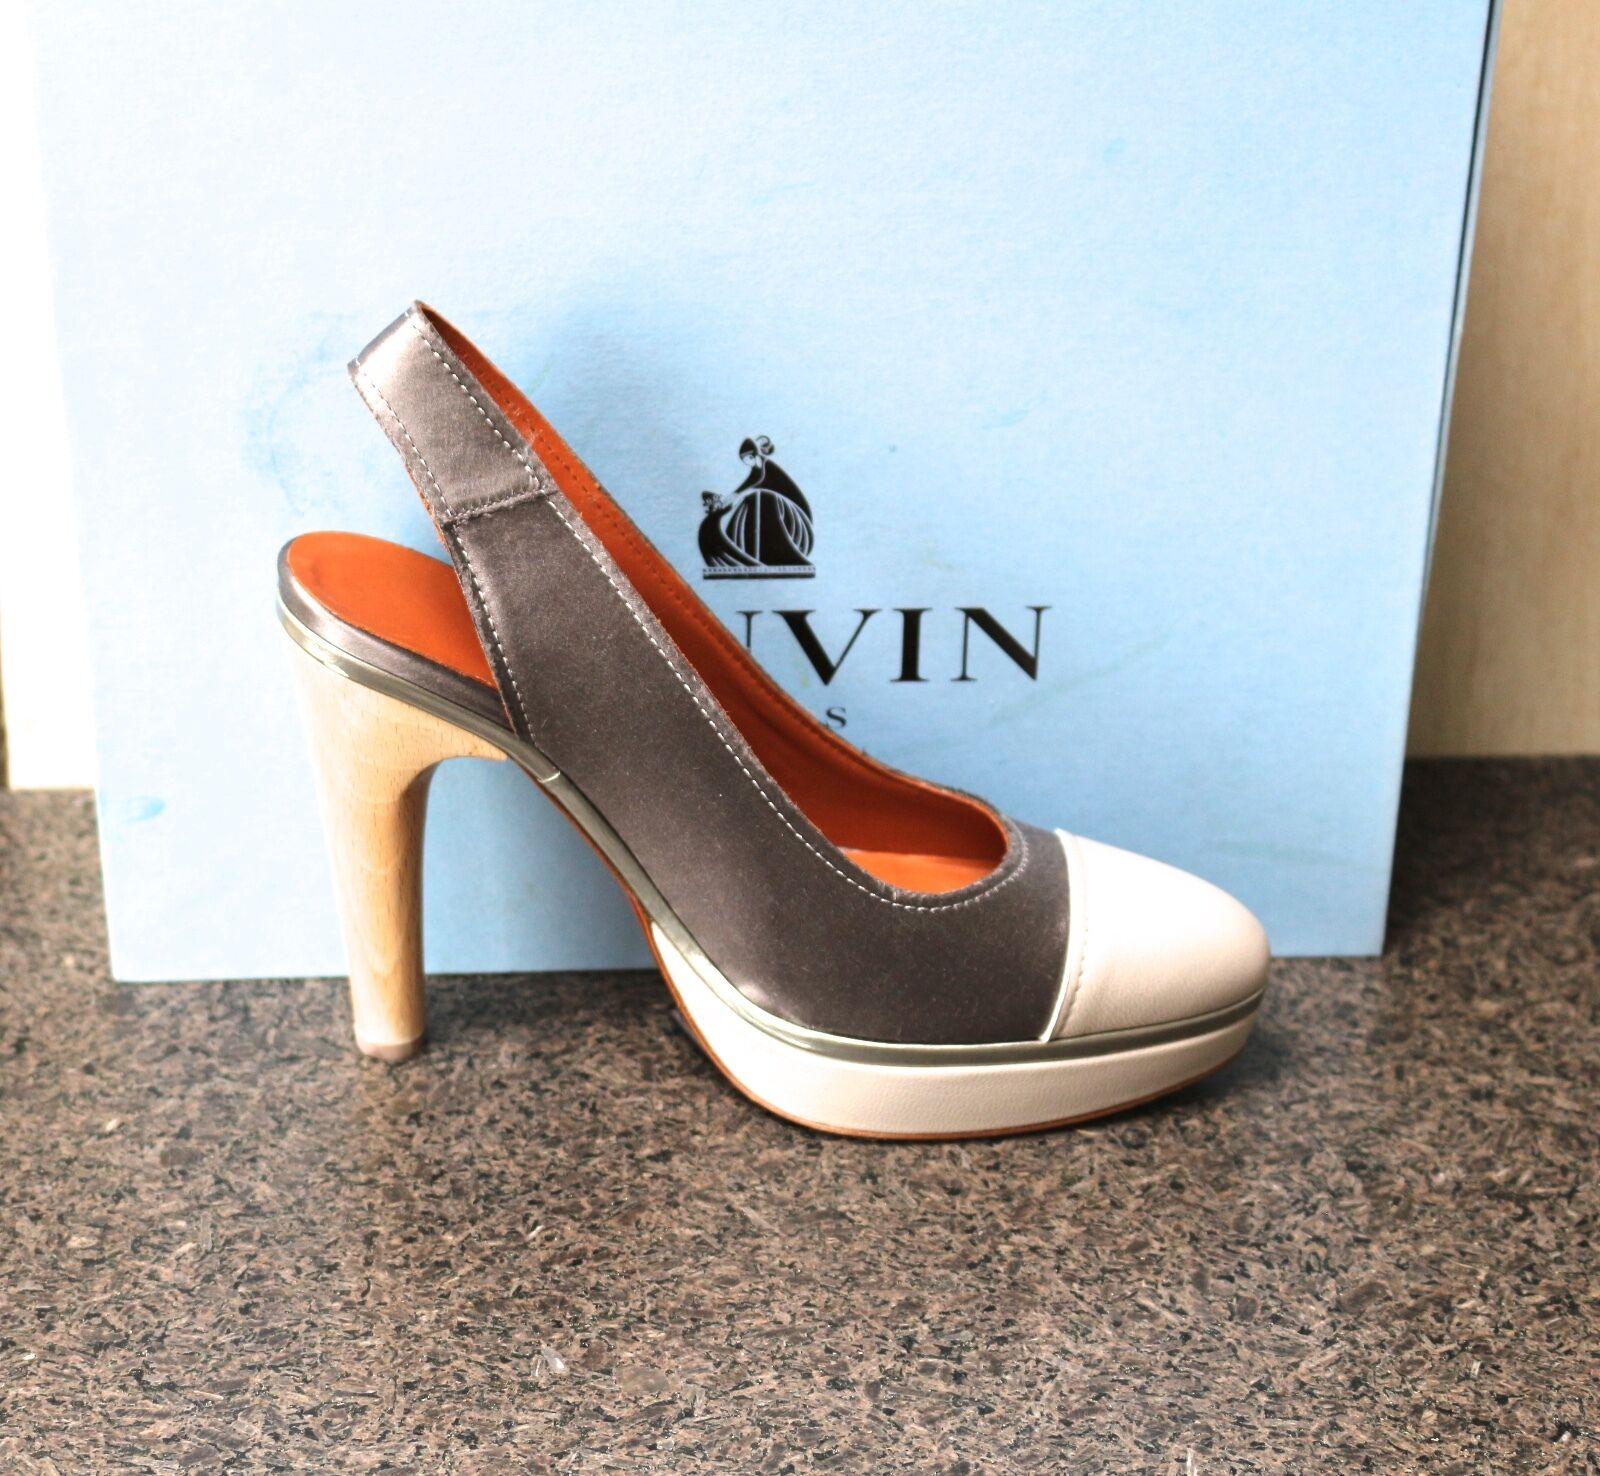 in vendita scontato del 70% NIB Authentic LANVIN grigio Platform Cap Toe Toe Toe Satin Slingback Pumps scarpe Clogs 39  prima i clienti